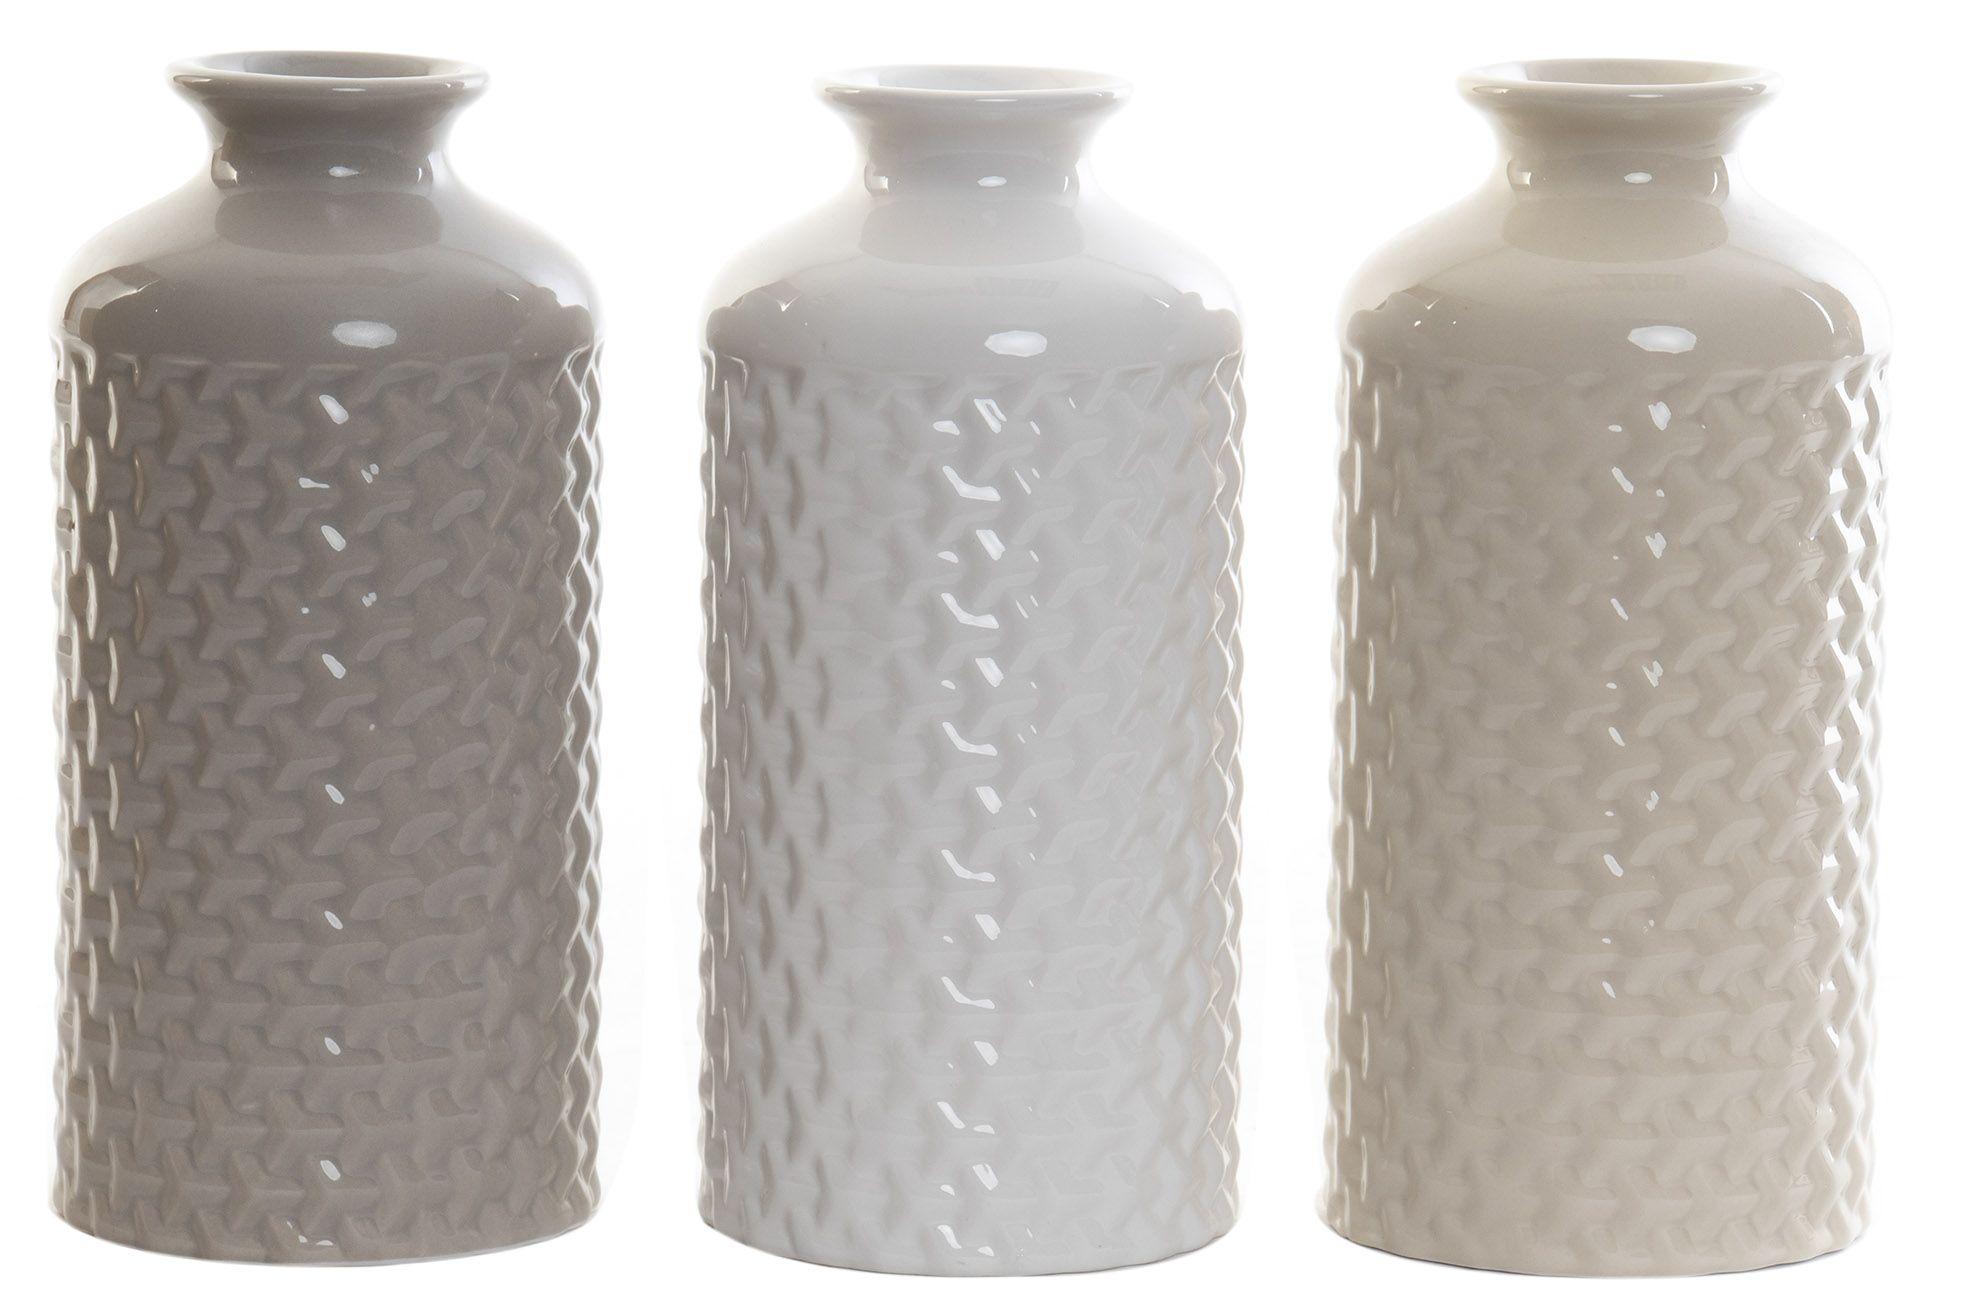 Vase i keramik 9x20 cm